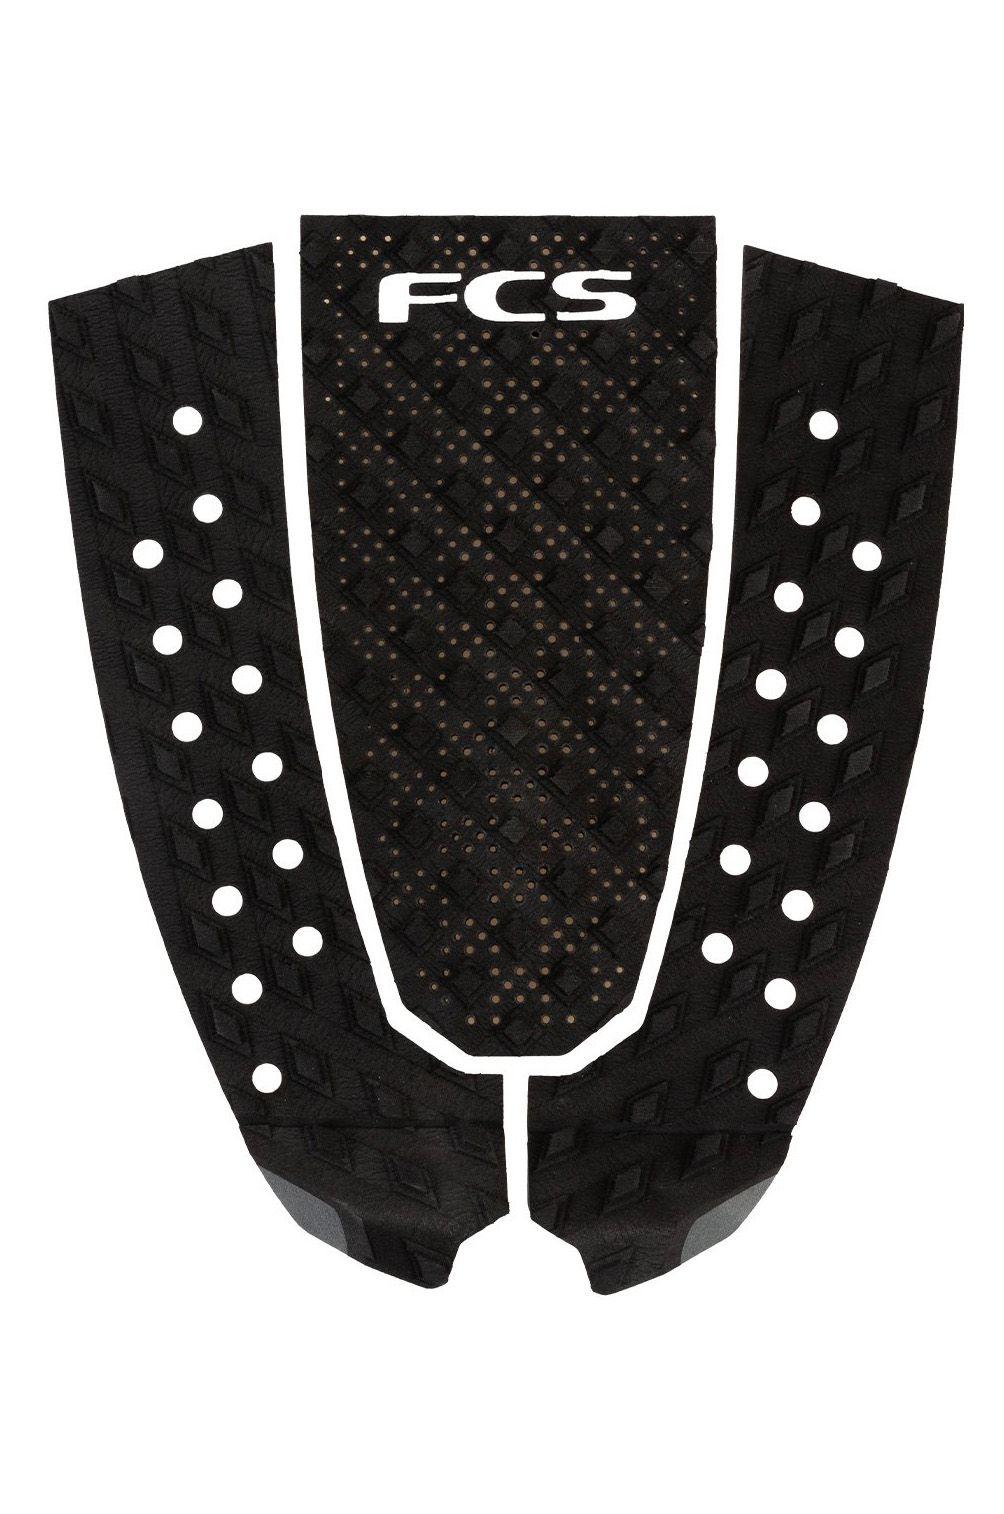 Fcs Deck T-3 PIN Black